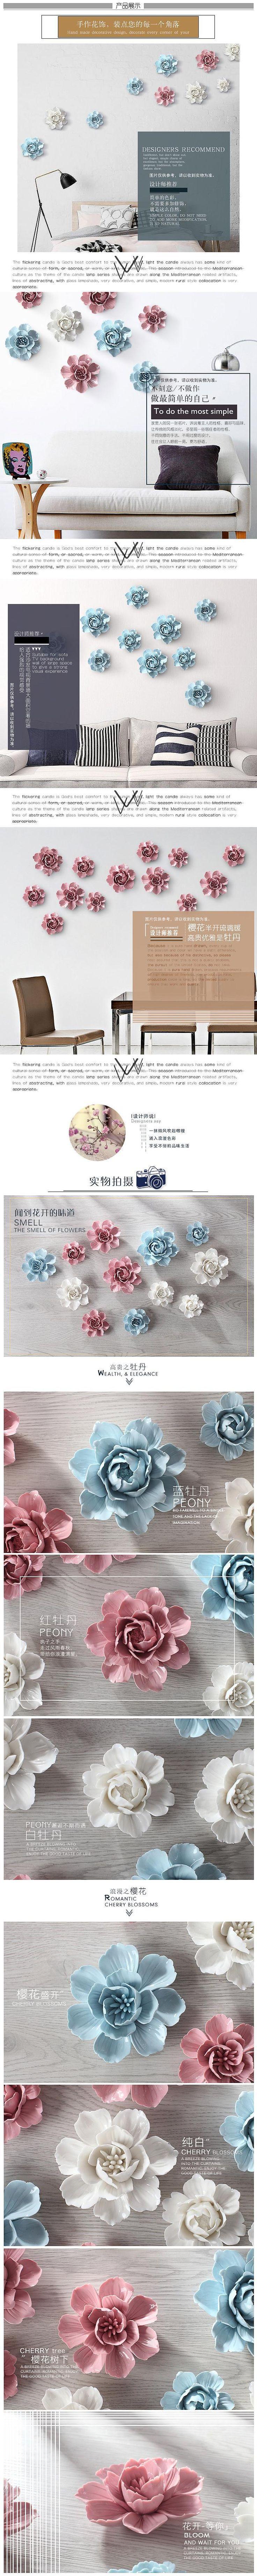 Керамические цветок трехмерные творческие гобелены декоративные гобелены живые спальня ТВ стены украшения стены фон стены номера - Taobao